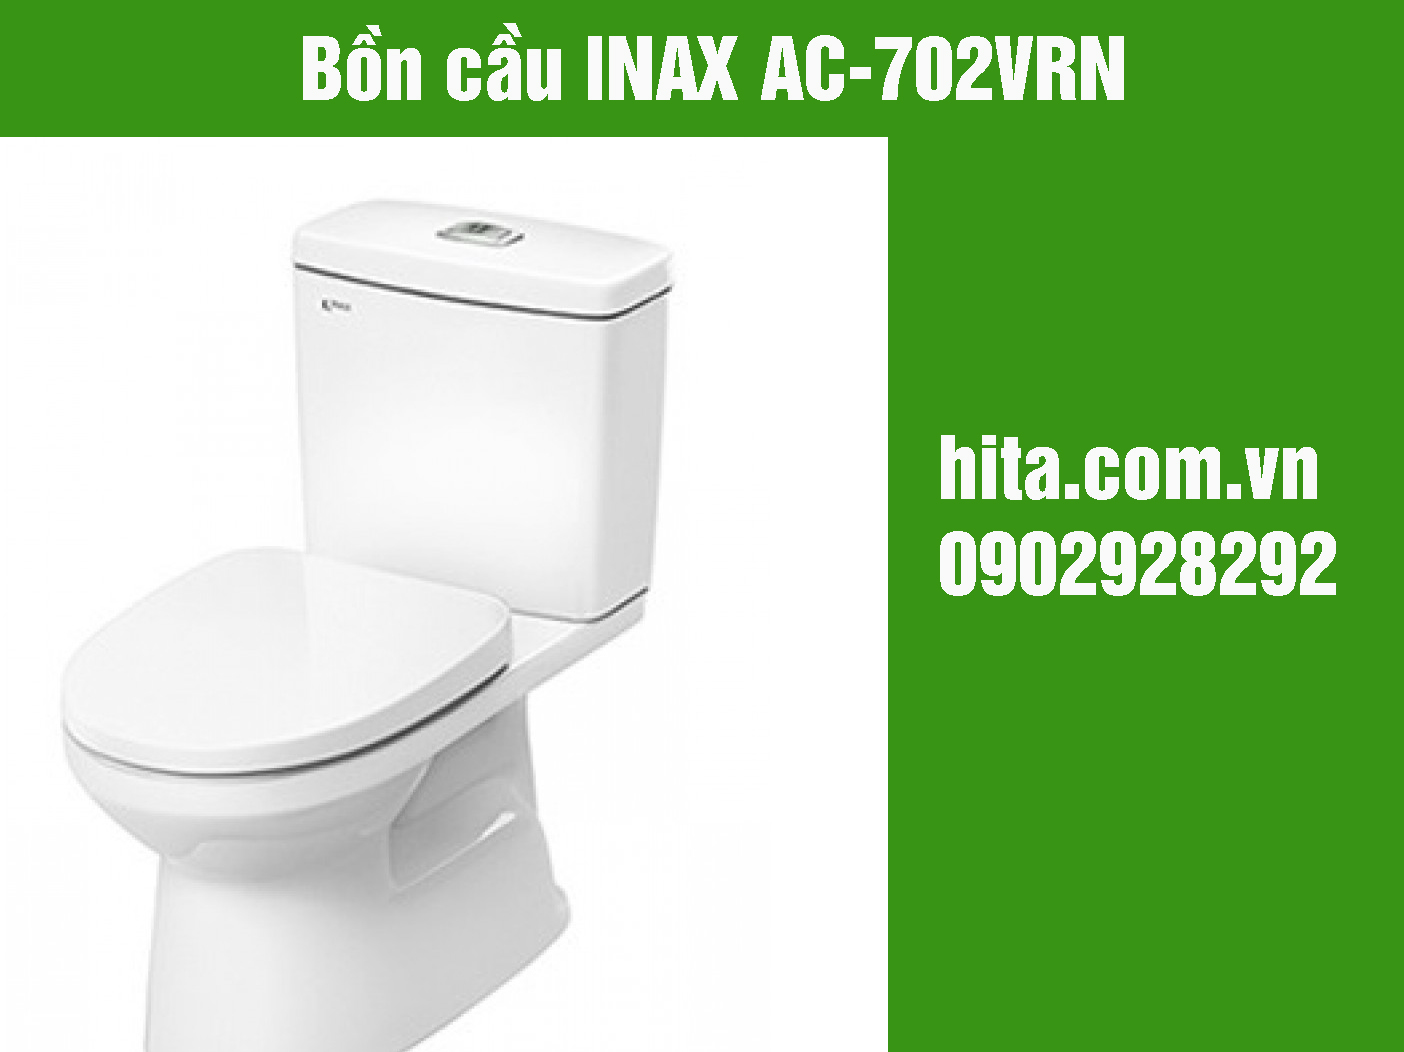 Giá và kích thước bồn cầu INAX AC-702VRN năm 2018